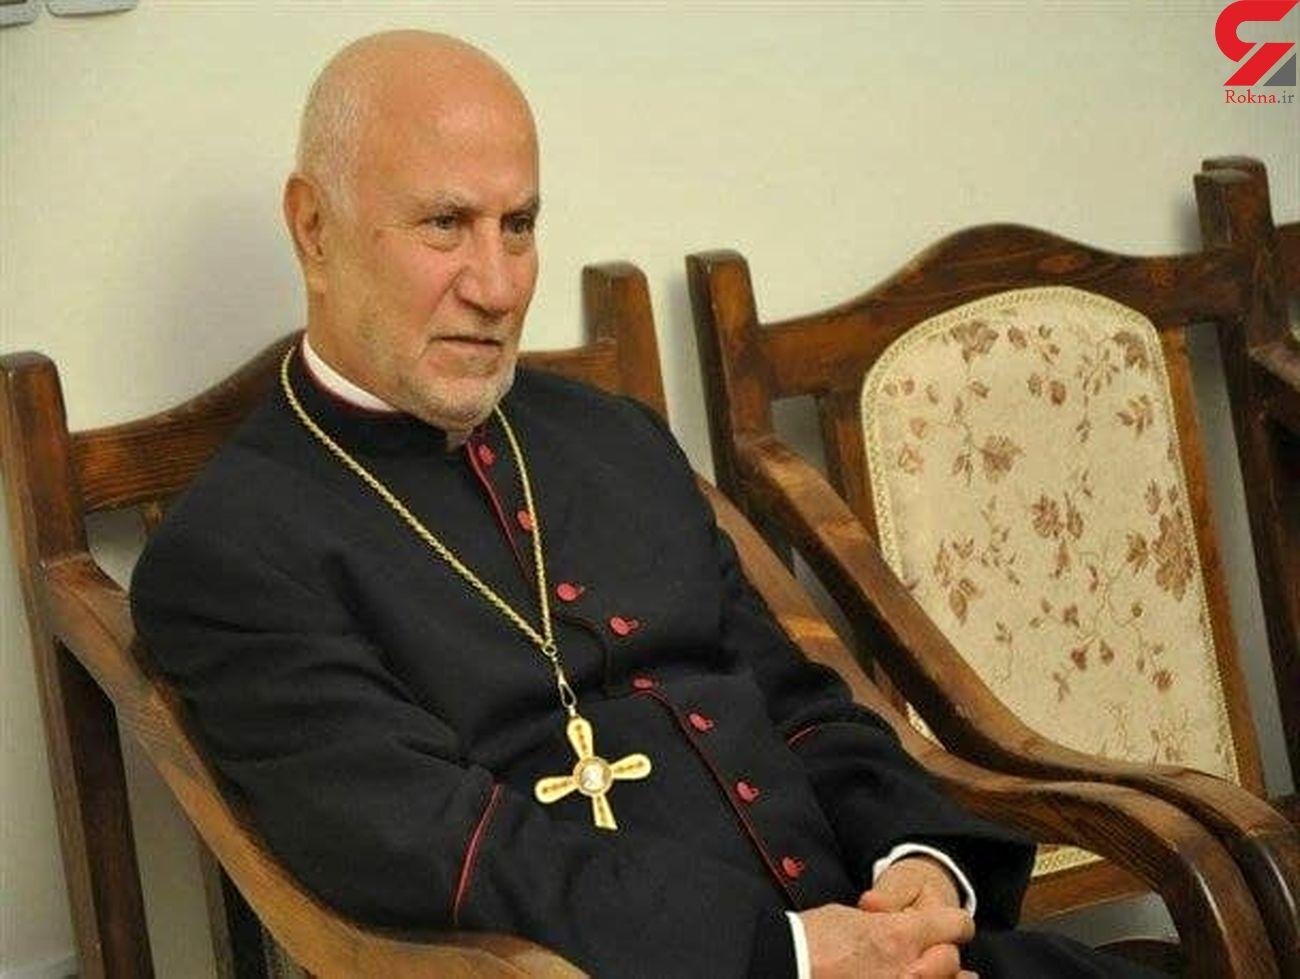 اسقف اعظم آشوریان ارومیه: شرکت در انتخابات 1400 یک وظیفه ملی و دینی است